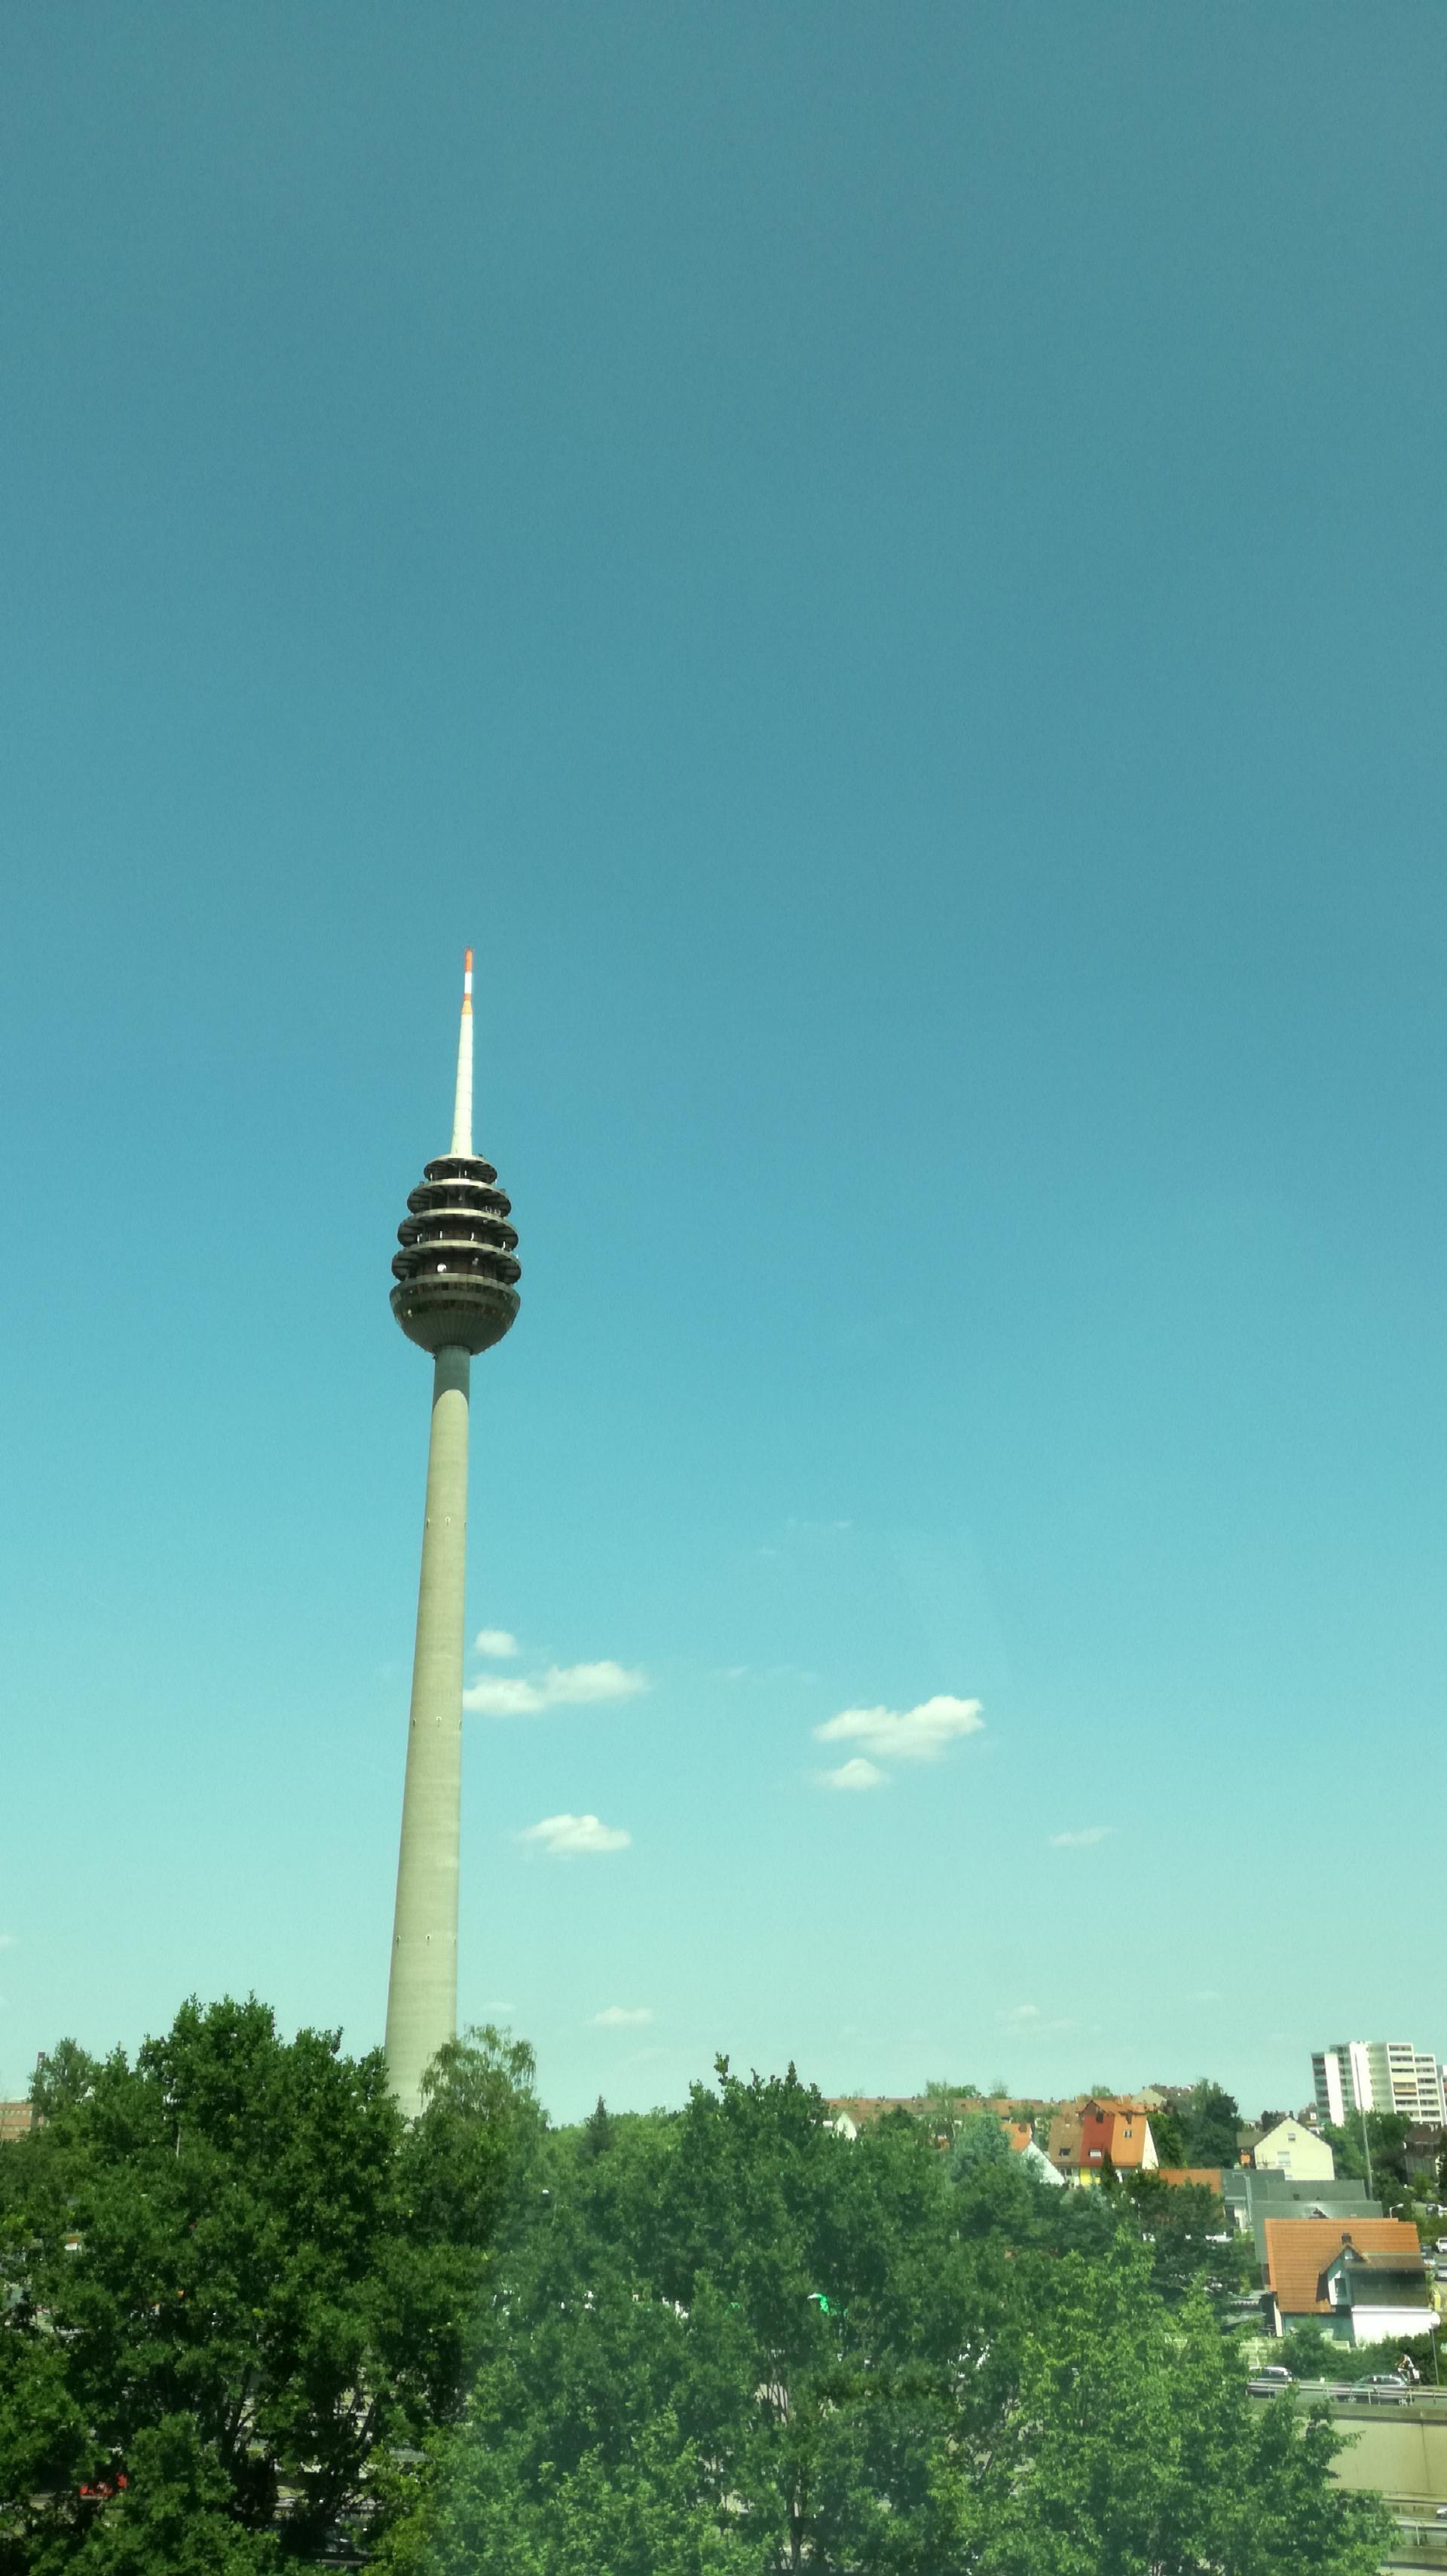 Die Farben von Nürnberger Fernsehturm kommen nicht durch einen Filter vom Handy, sondern durch getönte Glasscheiben. |Johannes Ulrich Gehrke | Blog